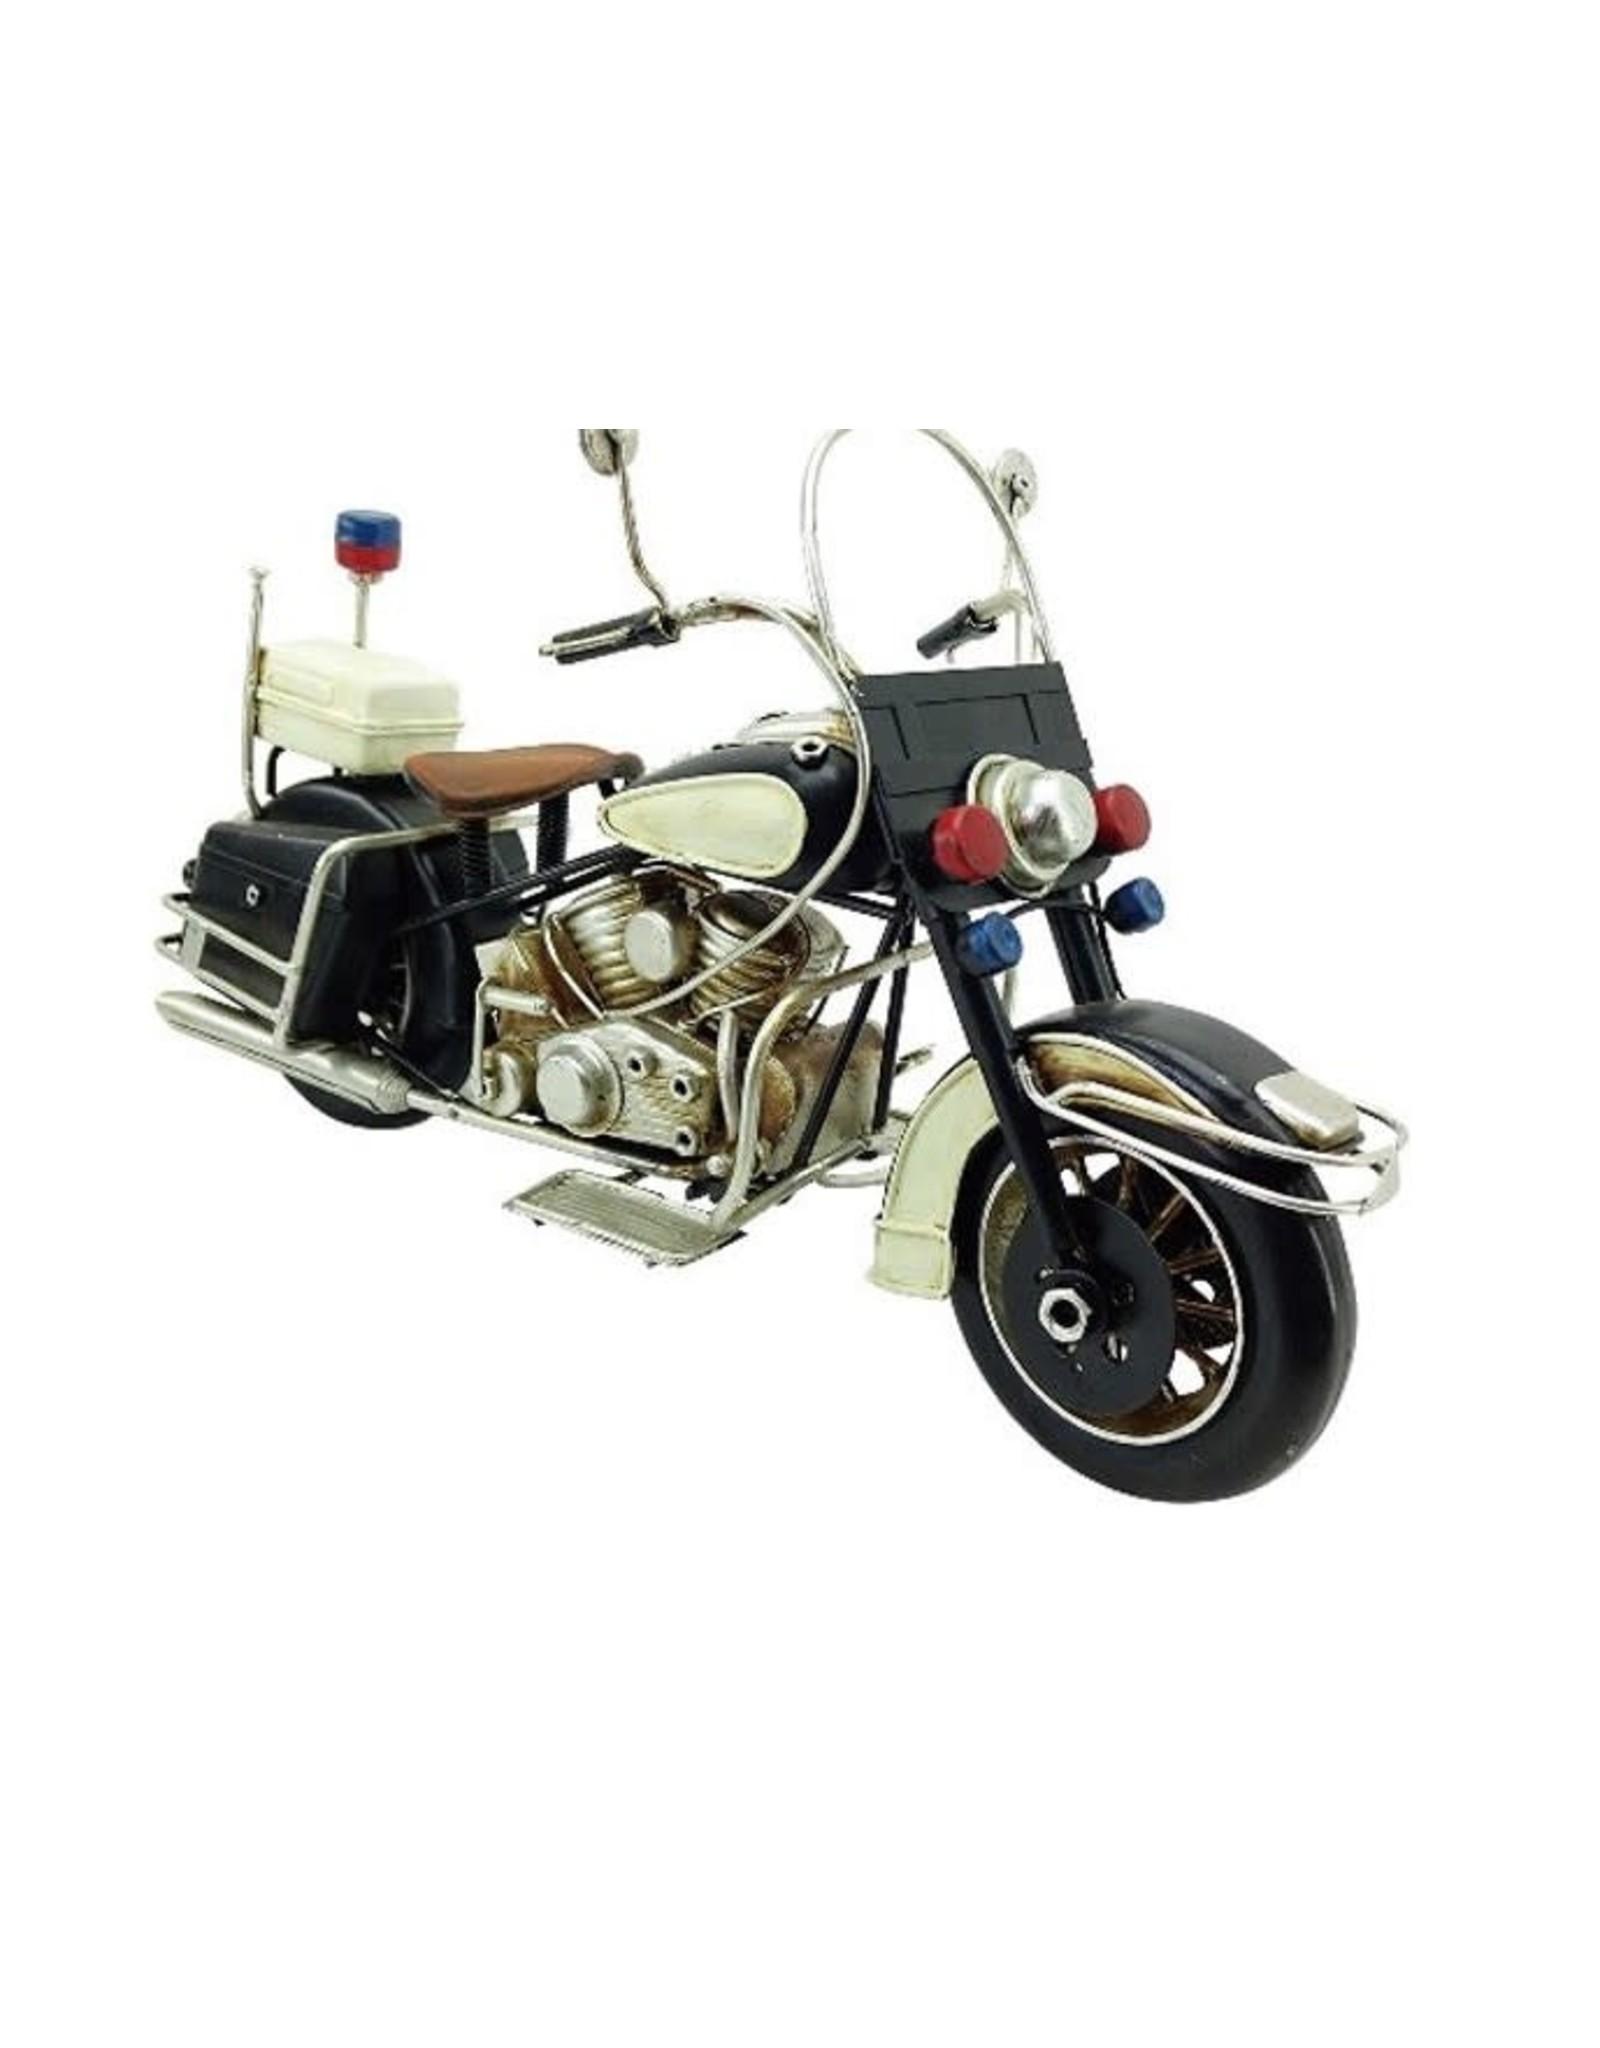 Moto de police noire